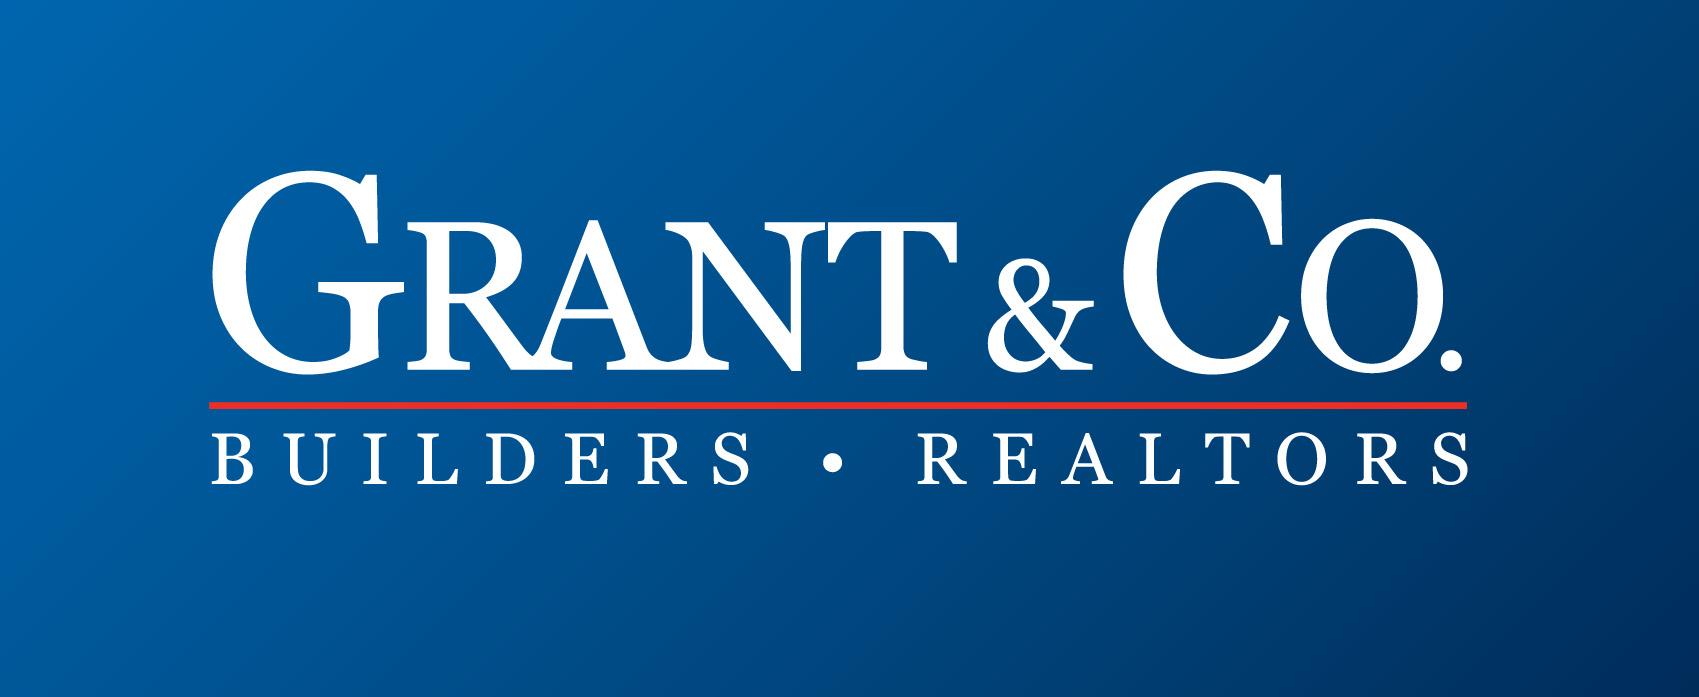 Grant & Co. logo